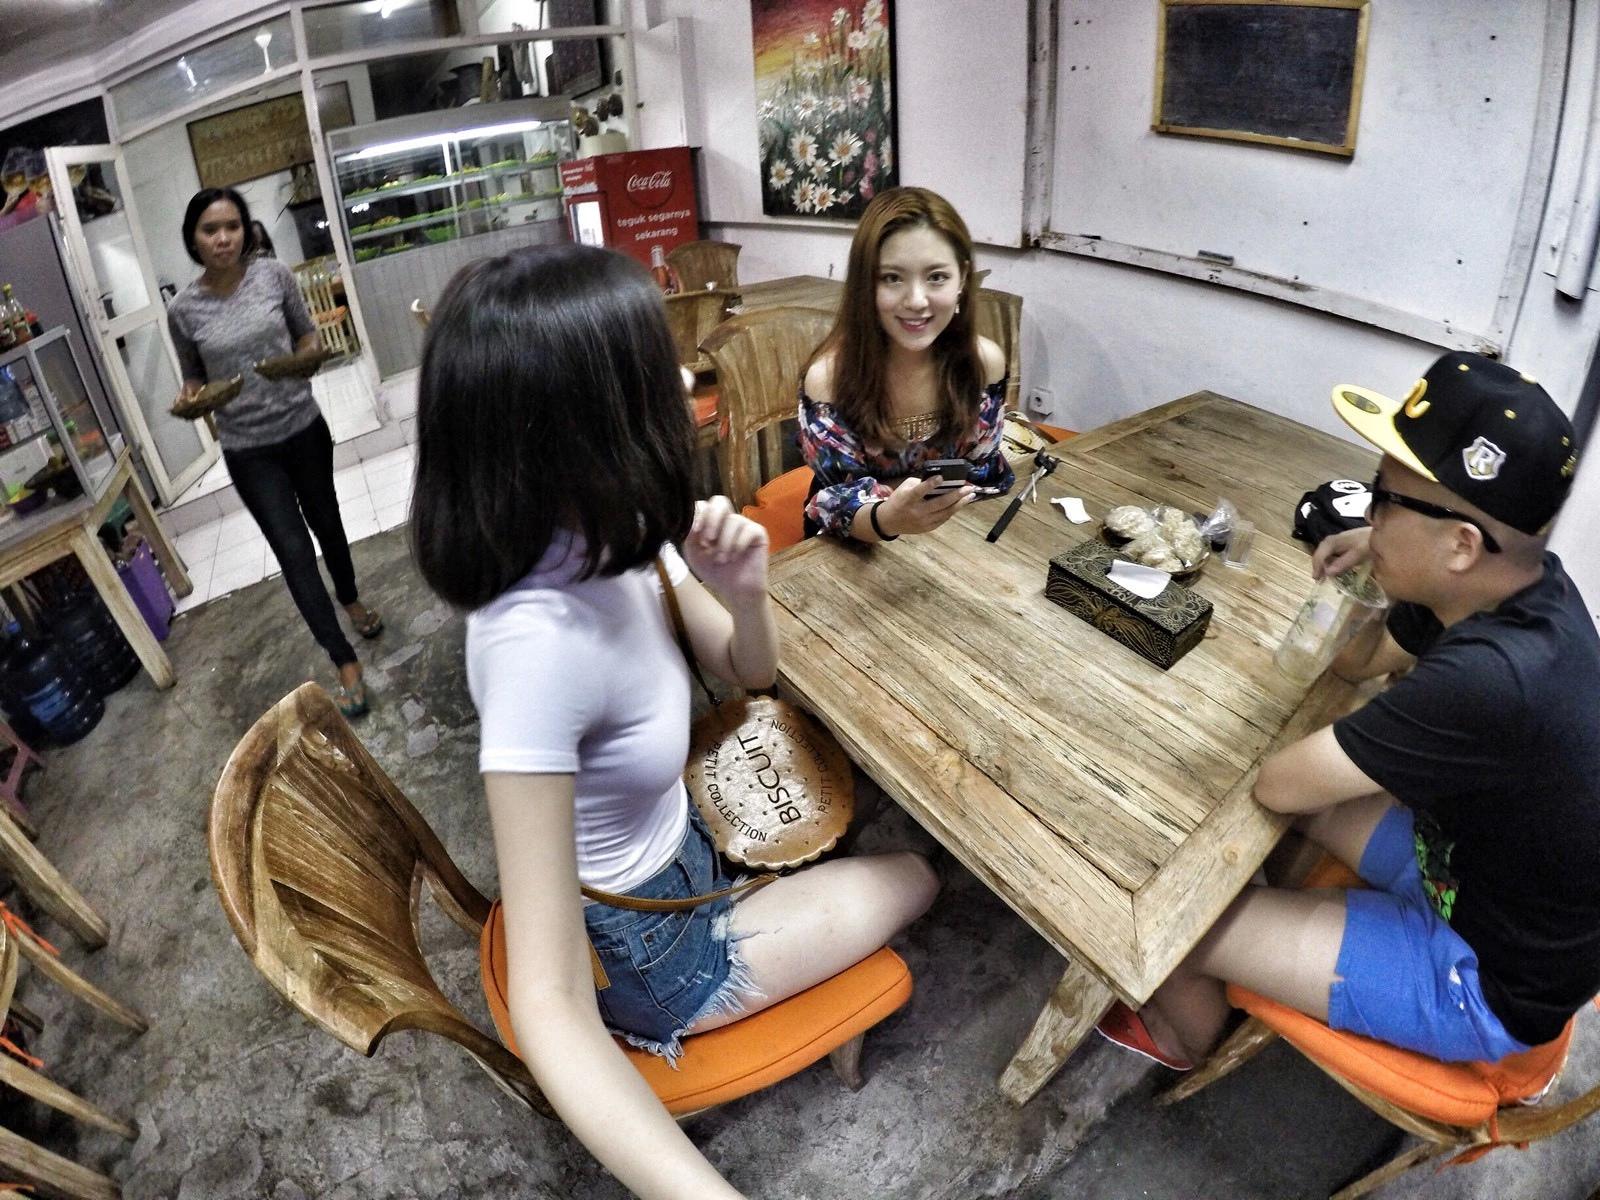 一男两女�:h�b�9�yf_艳羡:两女一男无关爱情的巴厘岛之旅